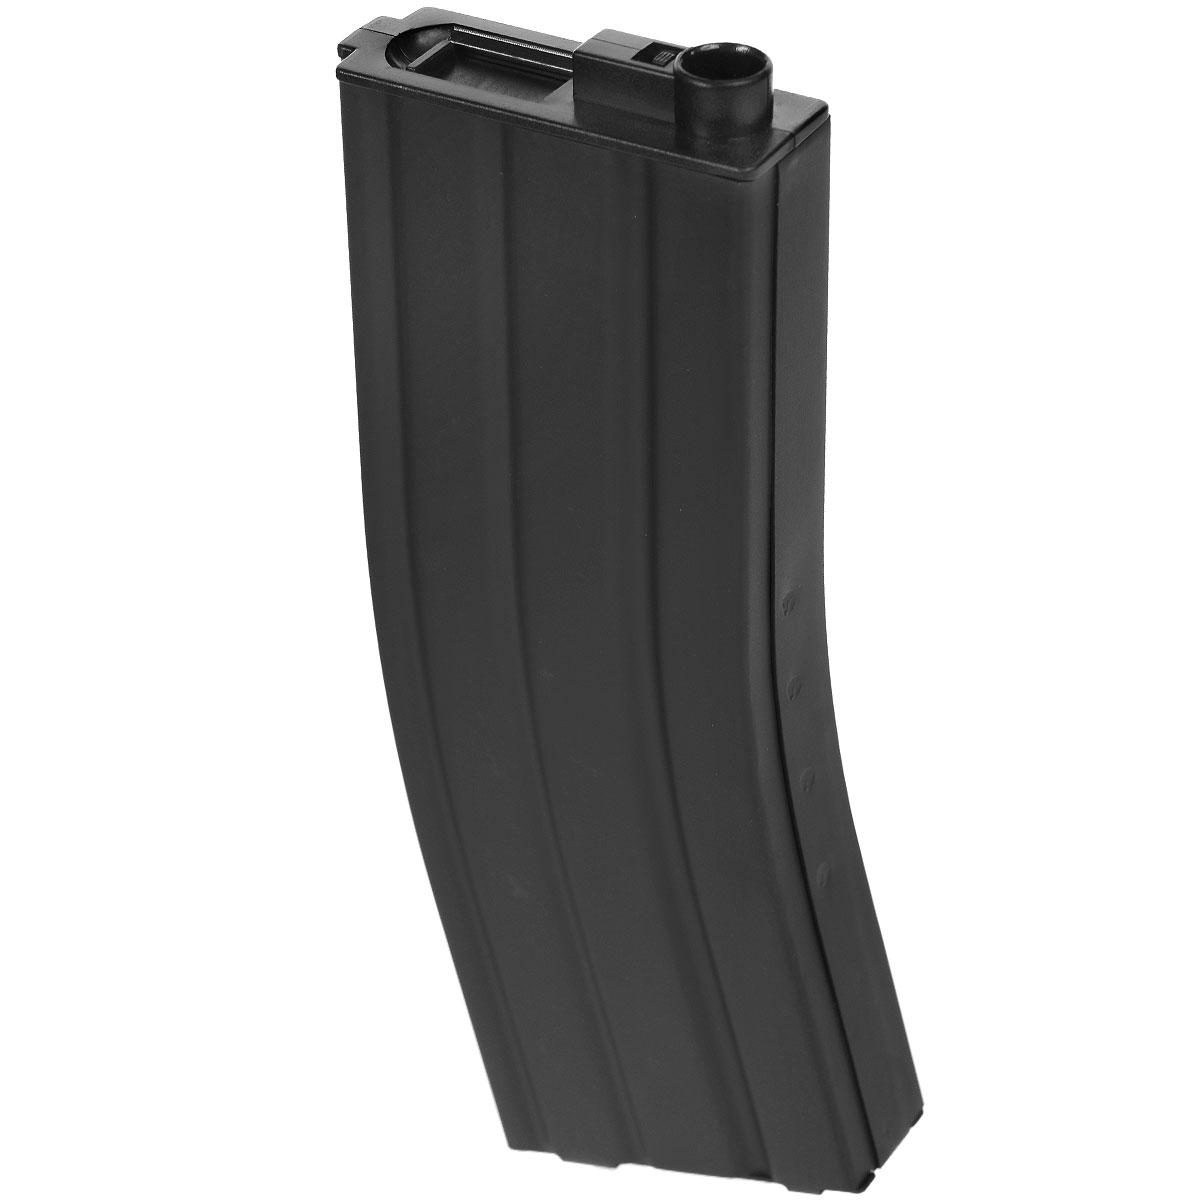 Cybergun бункерный магазин для серии M4/М16, 300 шариков, цвет: черный (185106)AEGLNSABХарактеристики: Материал: металл. Размер упаковки: 23 см х 11 см х 2,5 см.